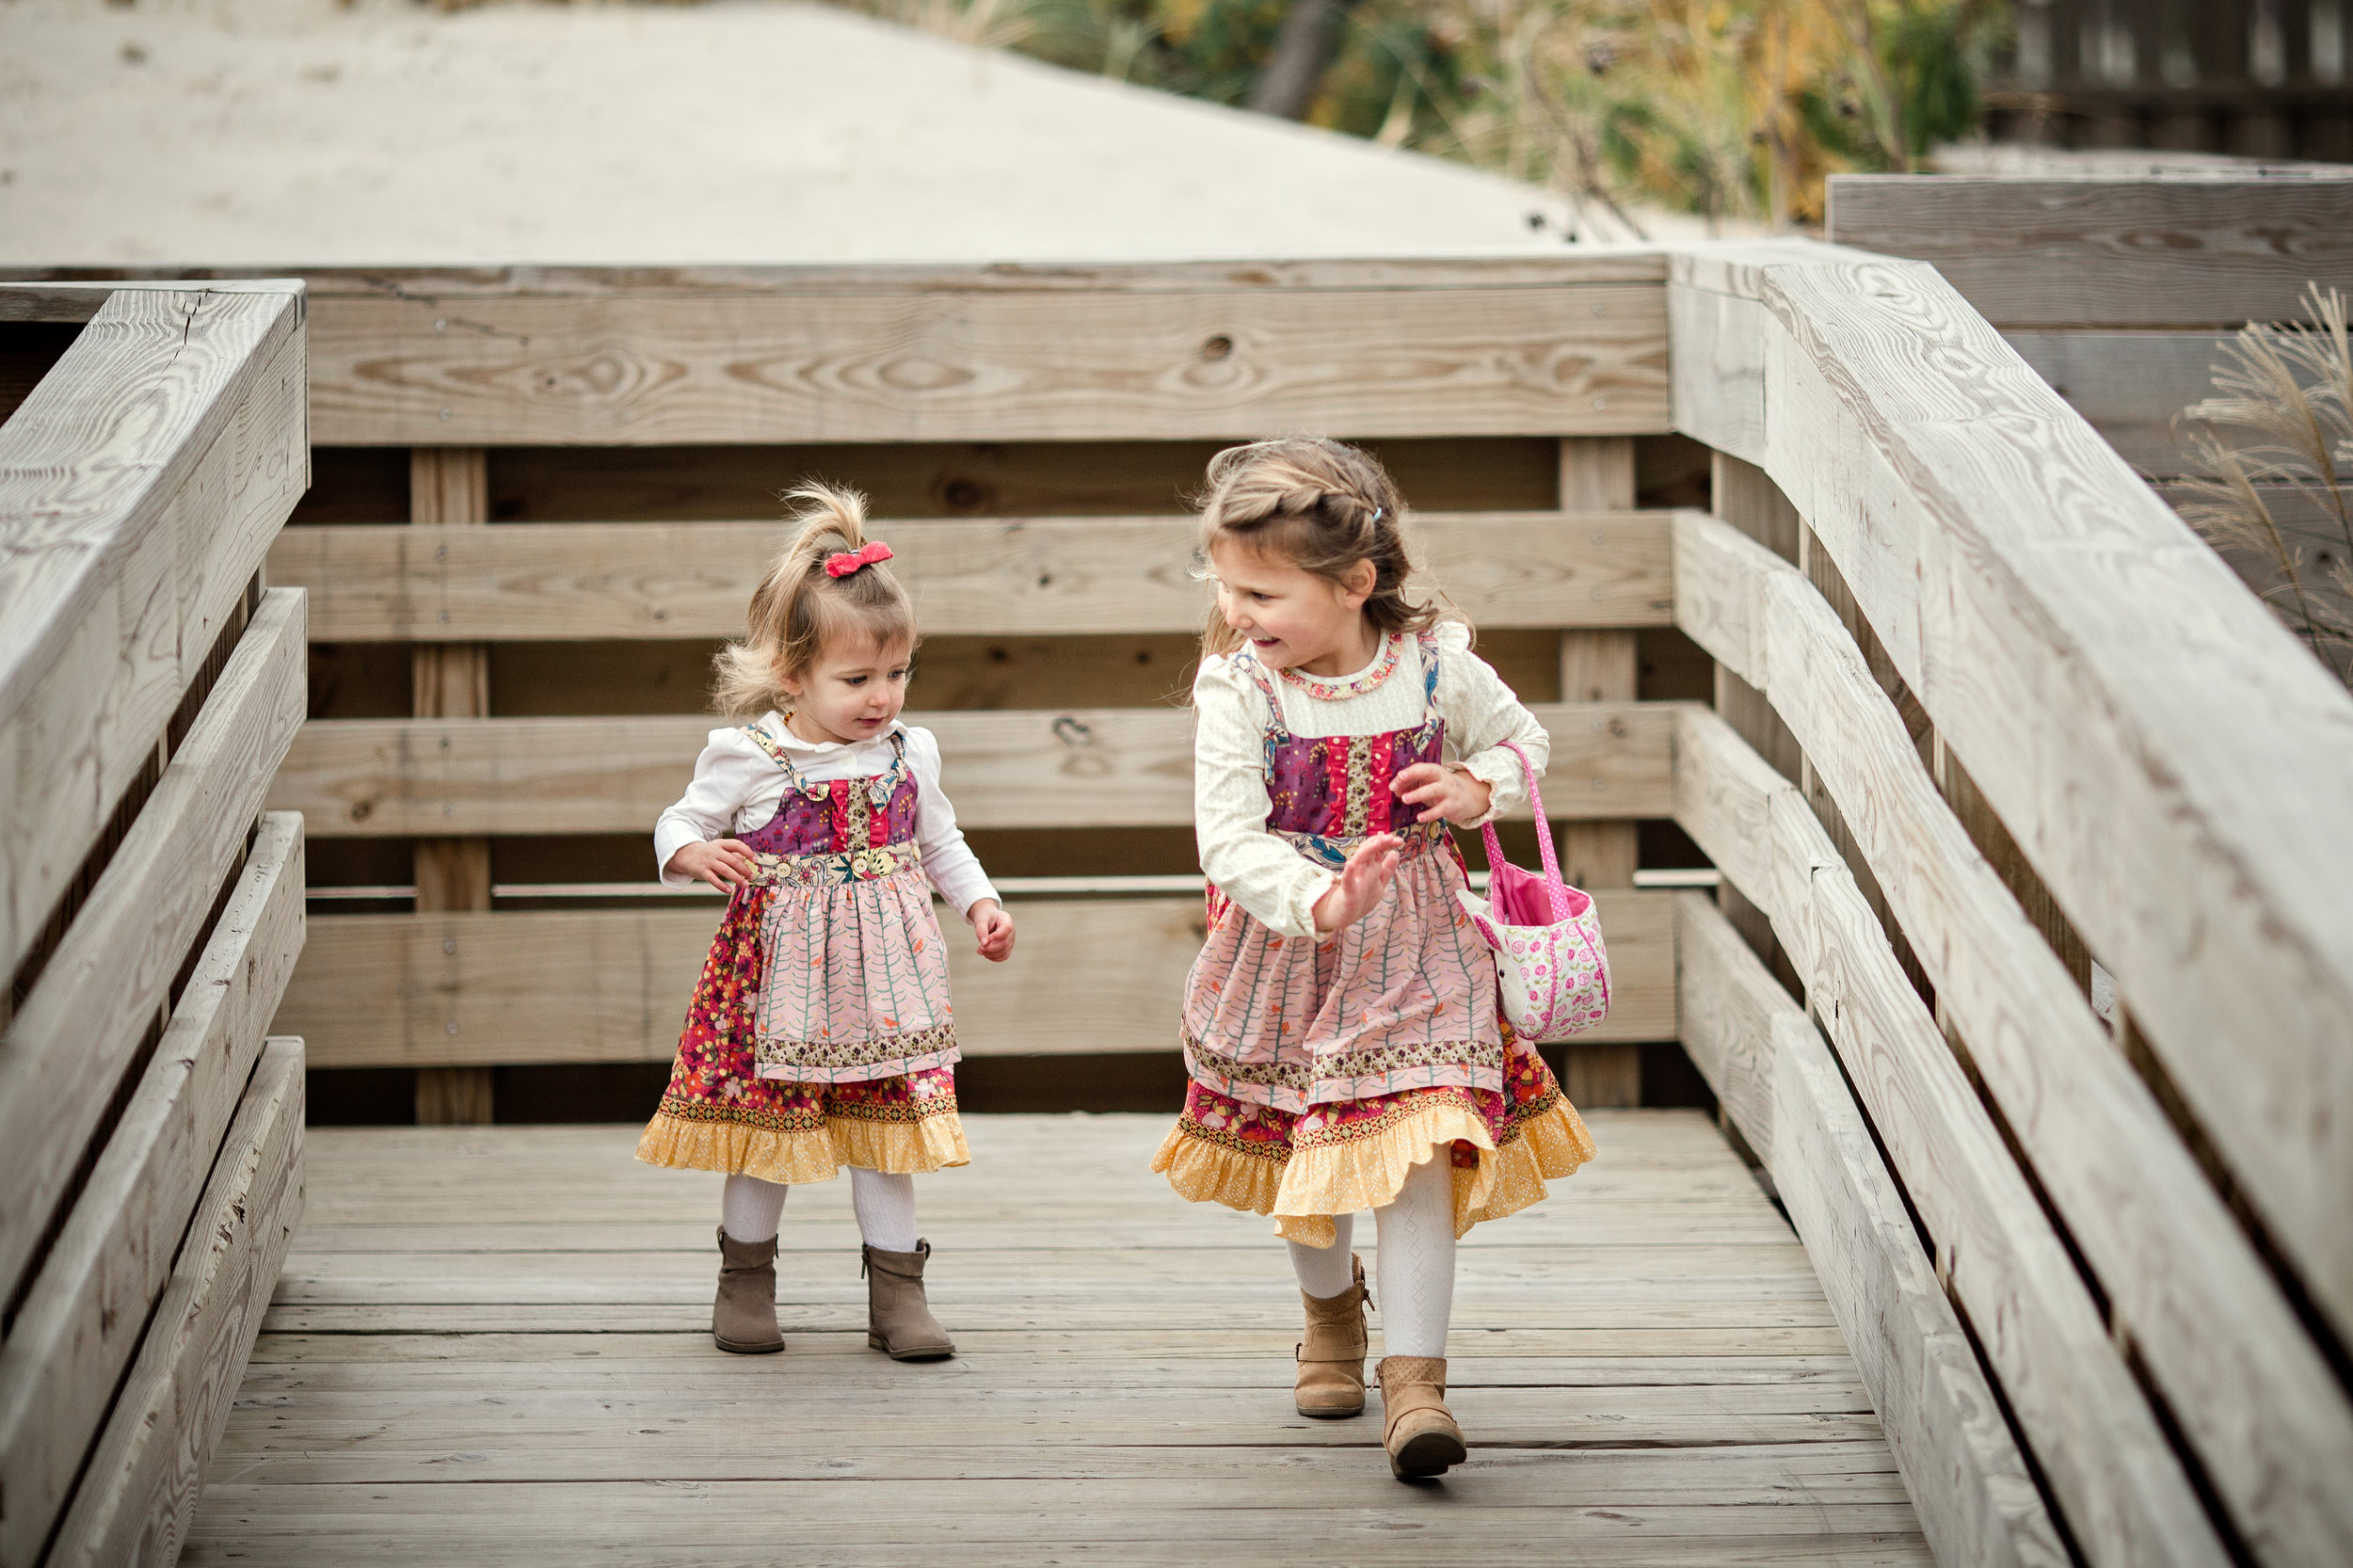 girl in Matilda Jane dresses running on boardwalk